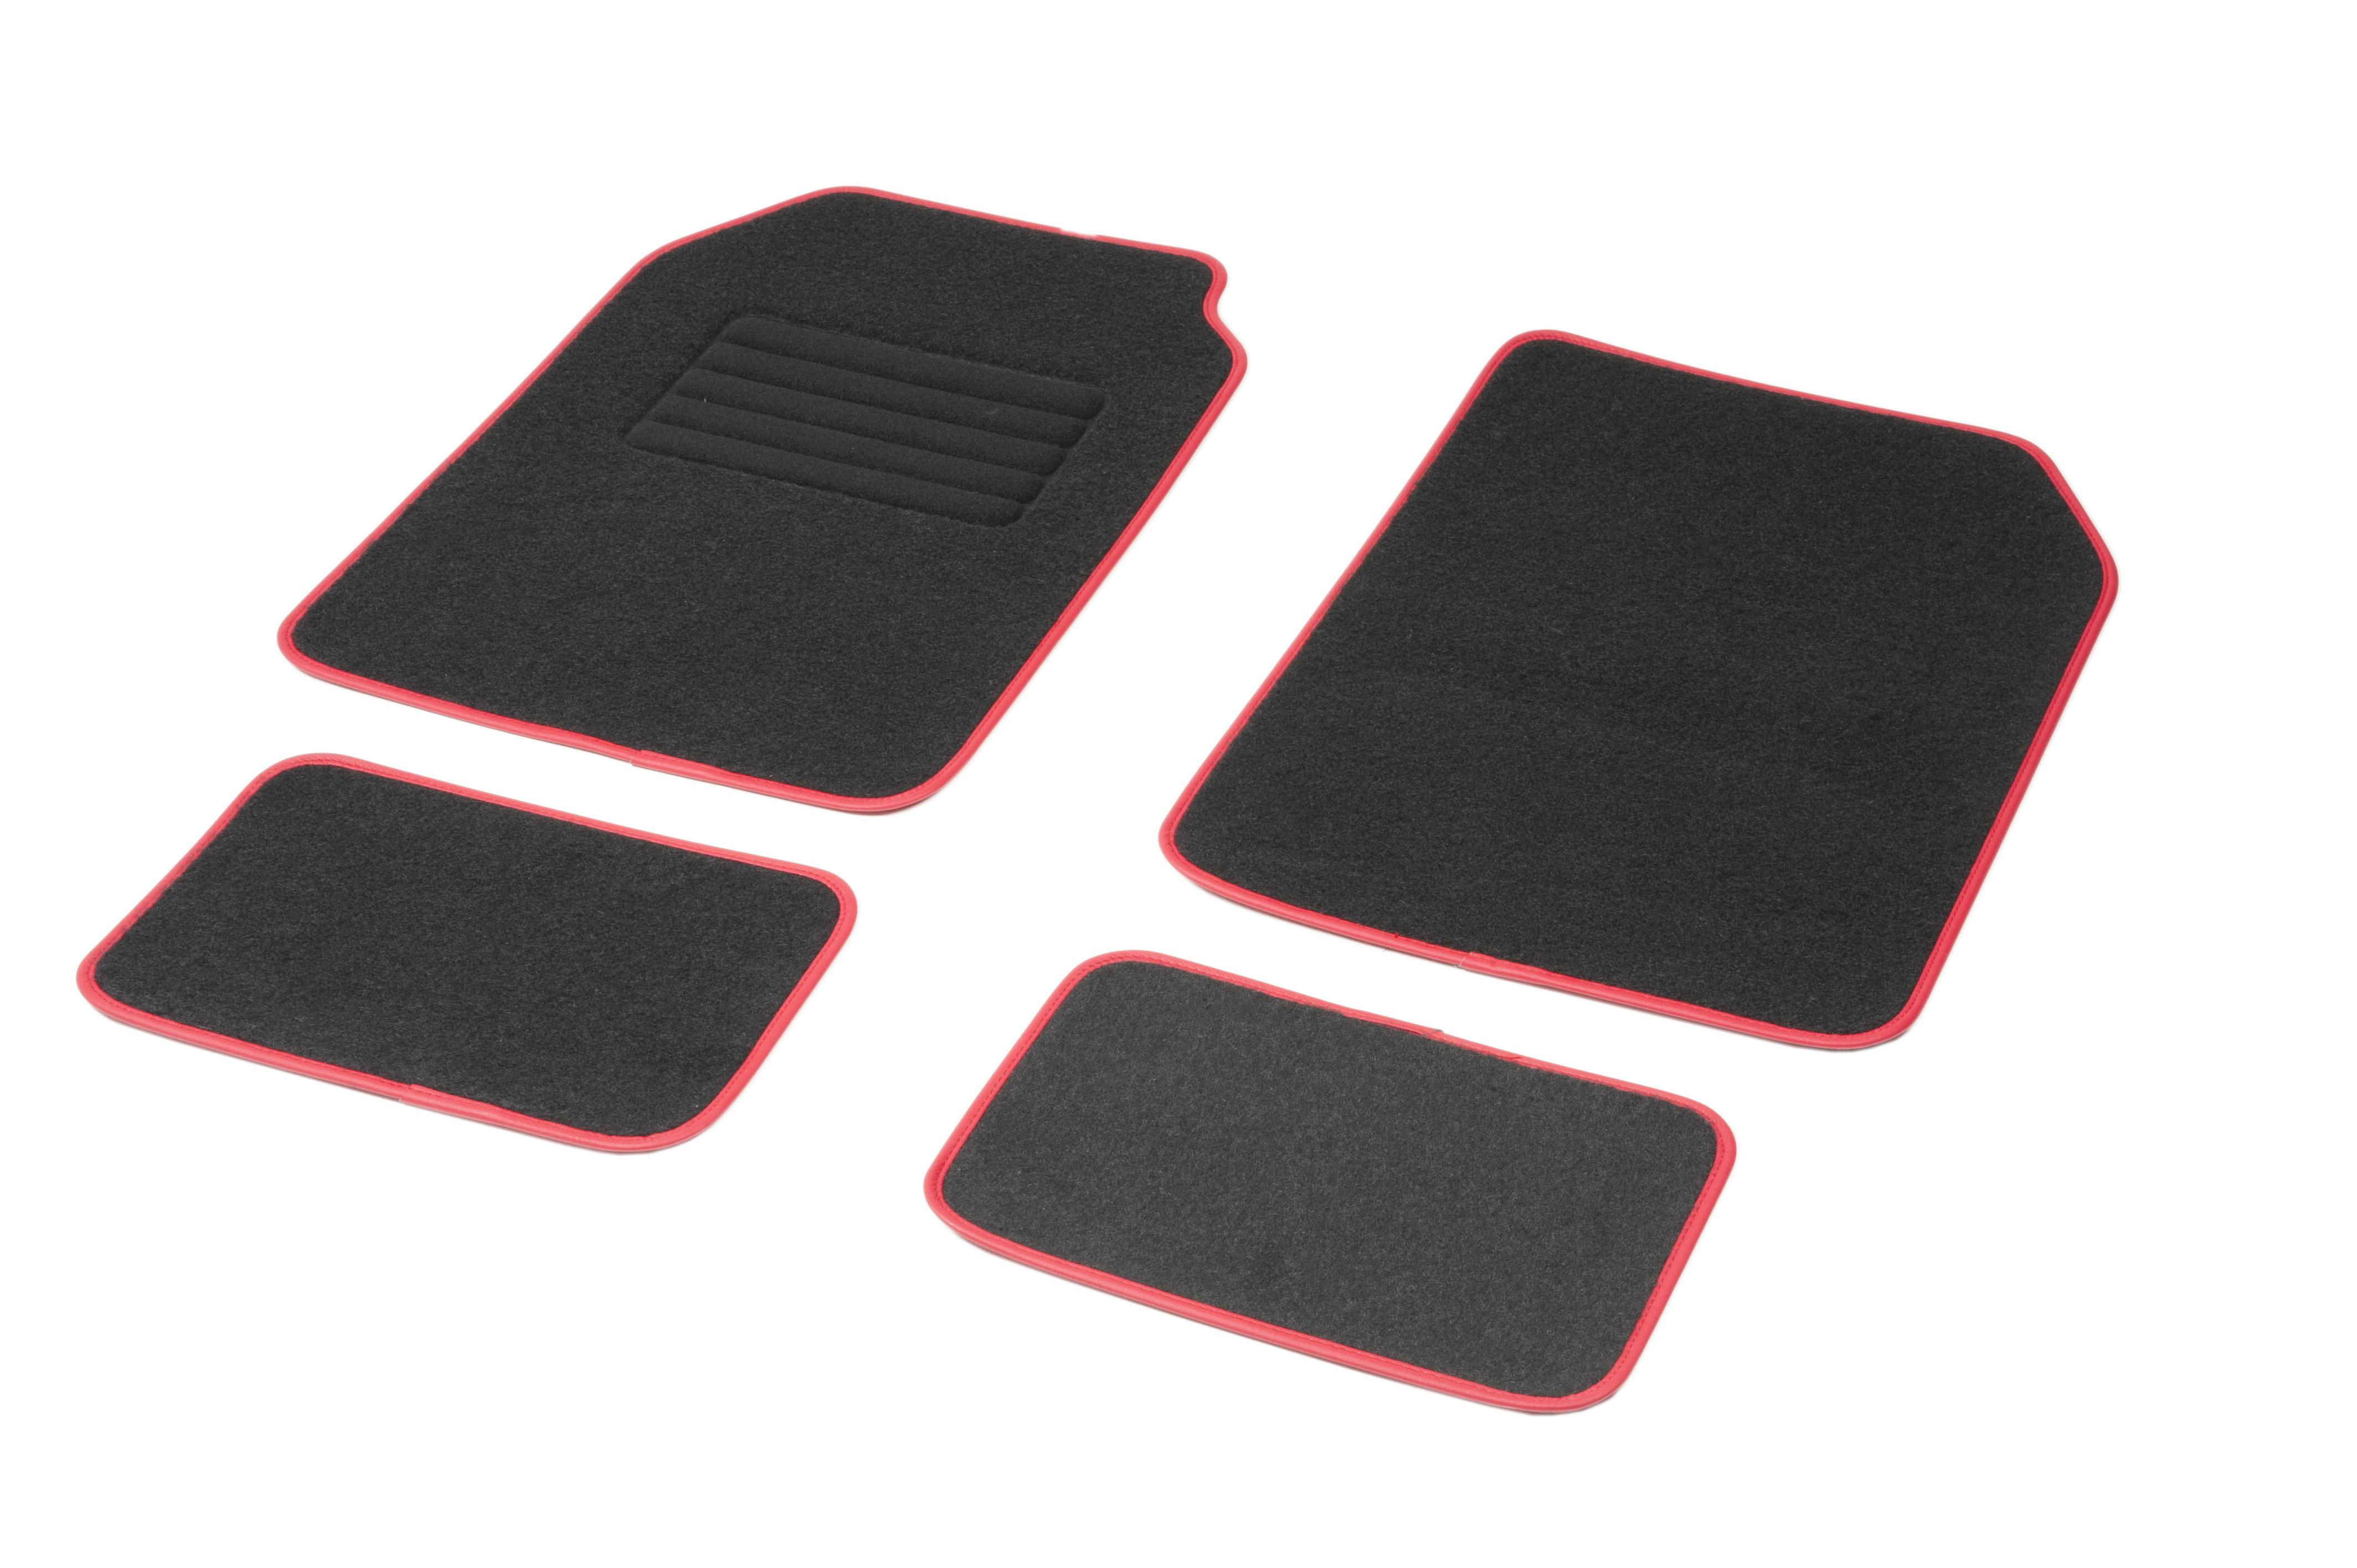 01765766 DBS Universelle passform, STANDARD Textil, vorne und hinten, Menge: 4, schwarz, rot Größe: 73х46 Fußmattensatz 01765766 kaufen